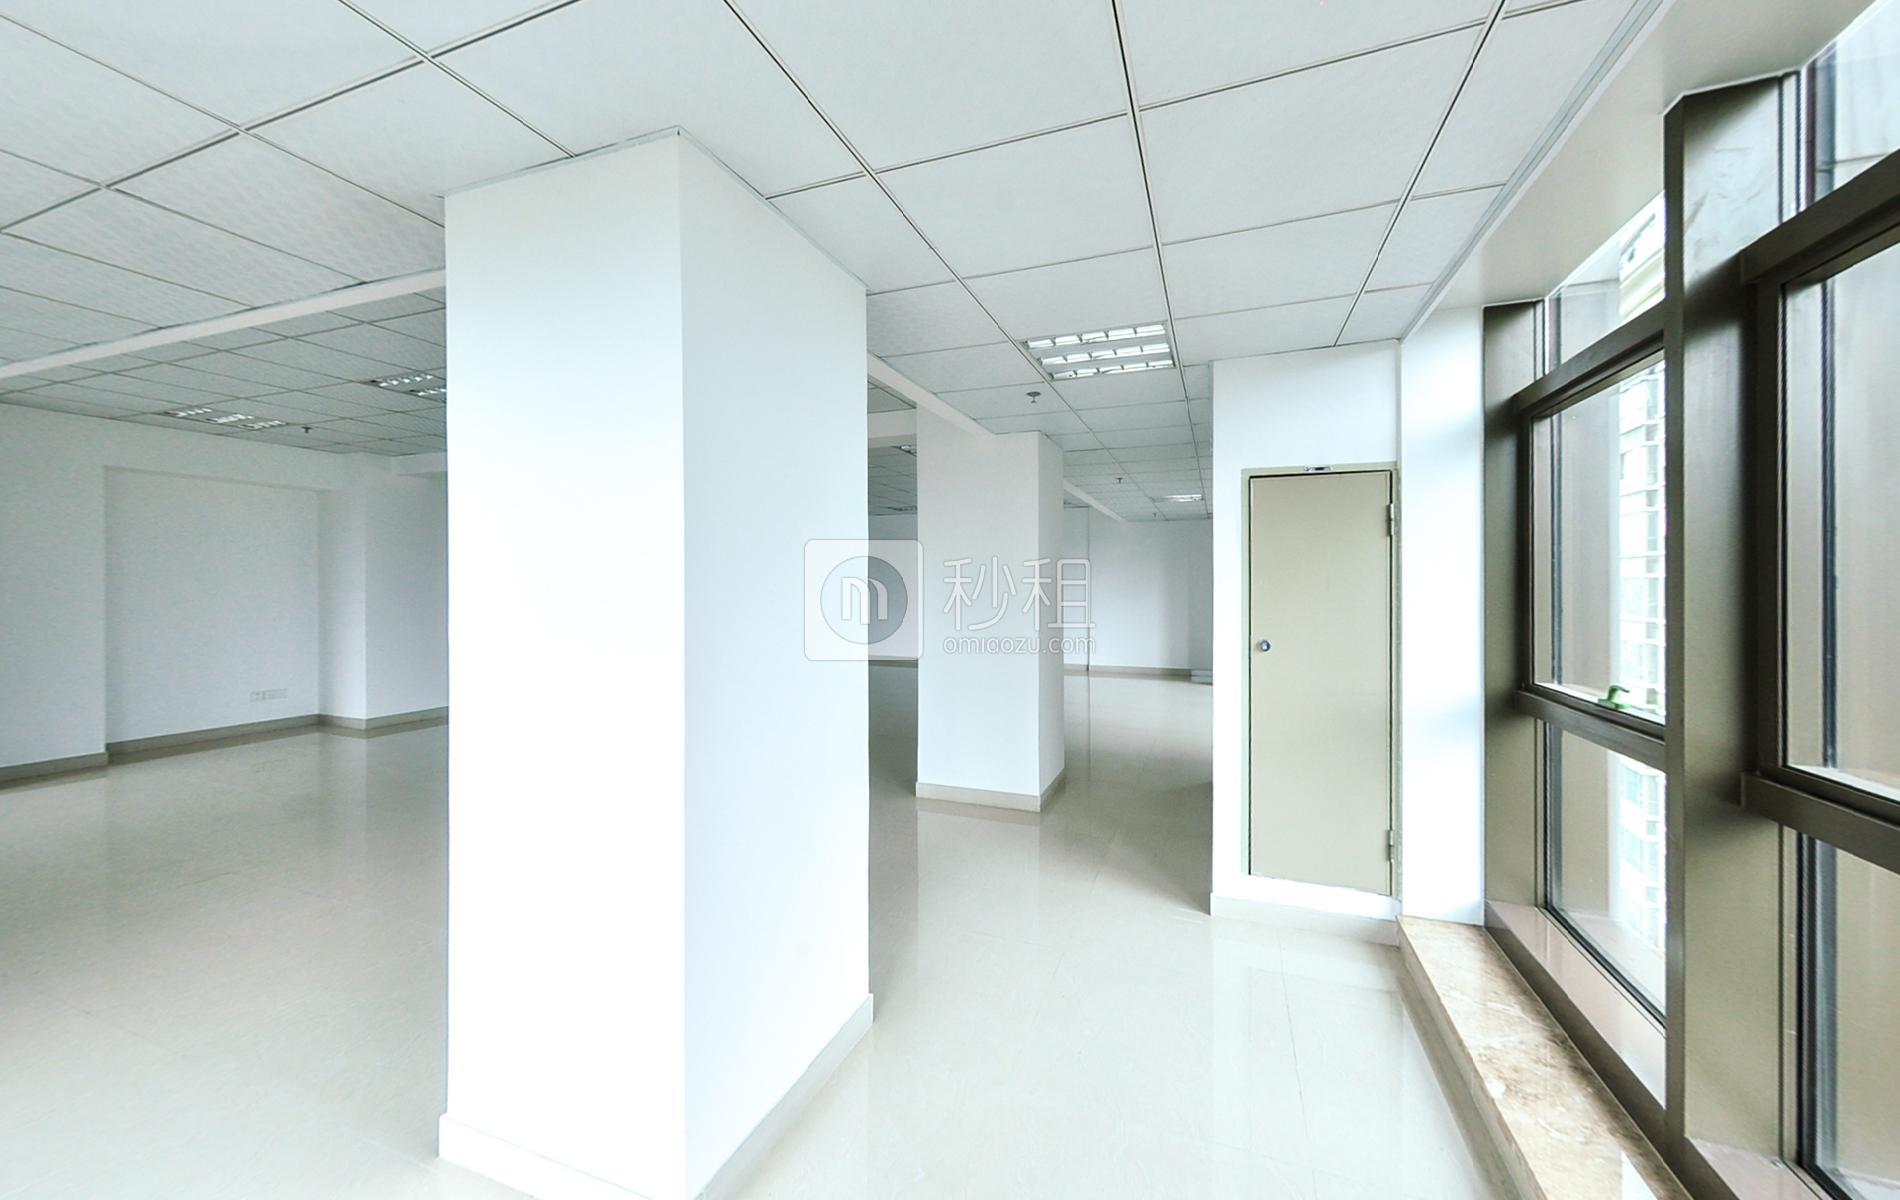 宝安-西乡 雅美城大厦 198m²